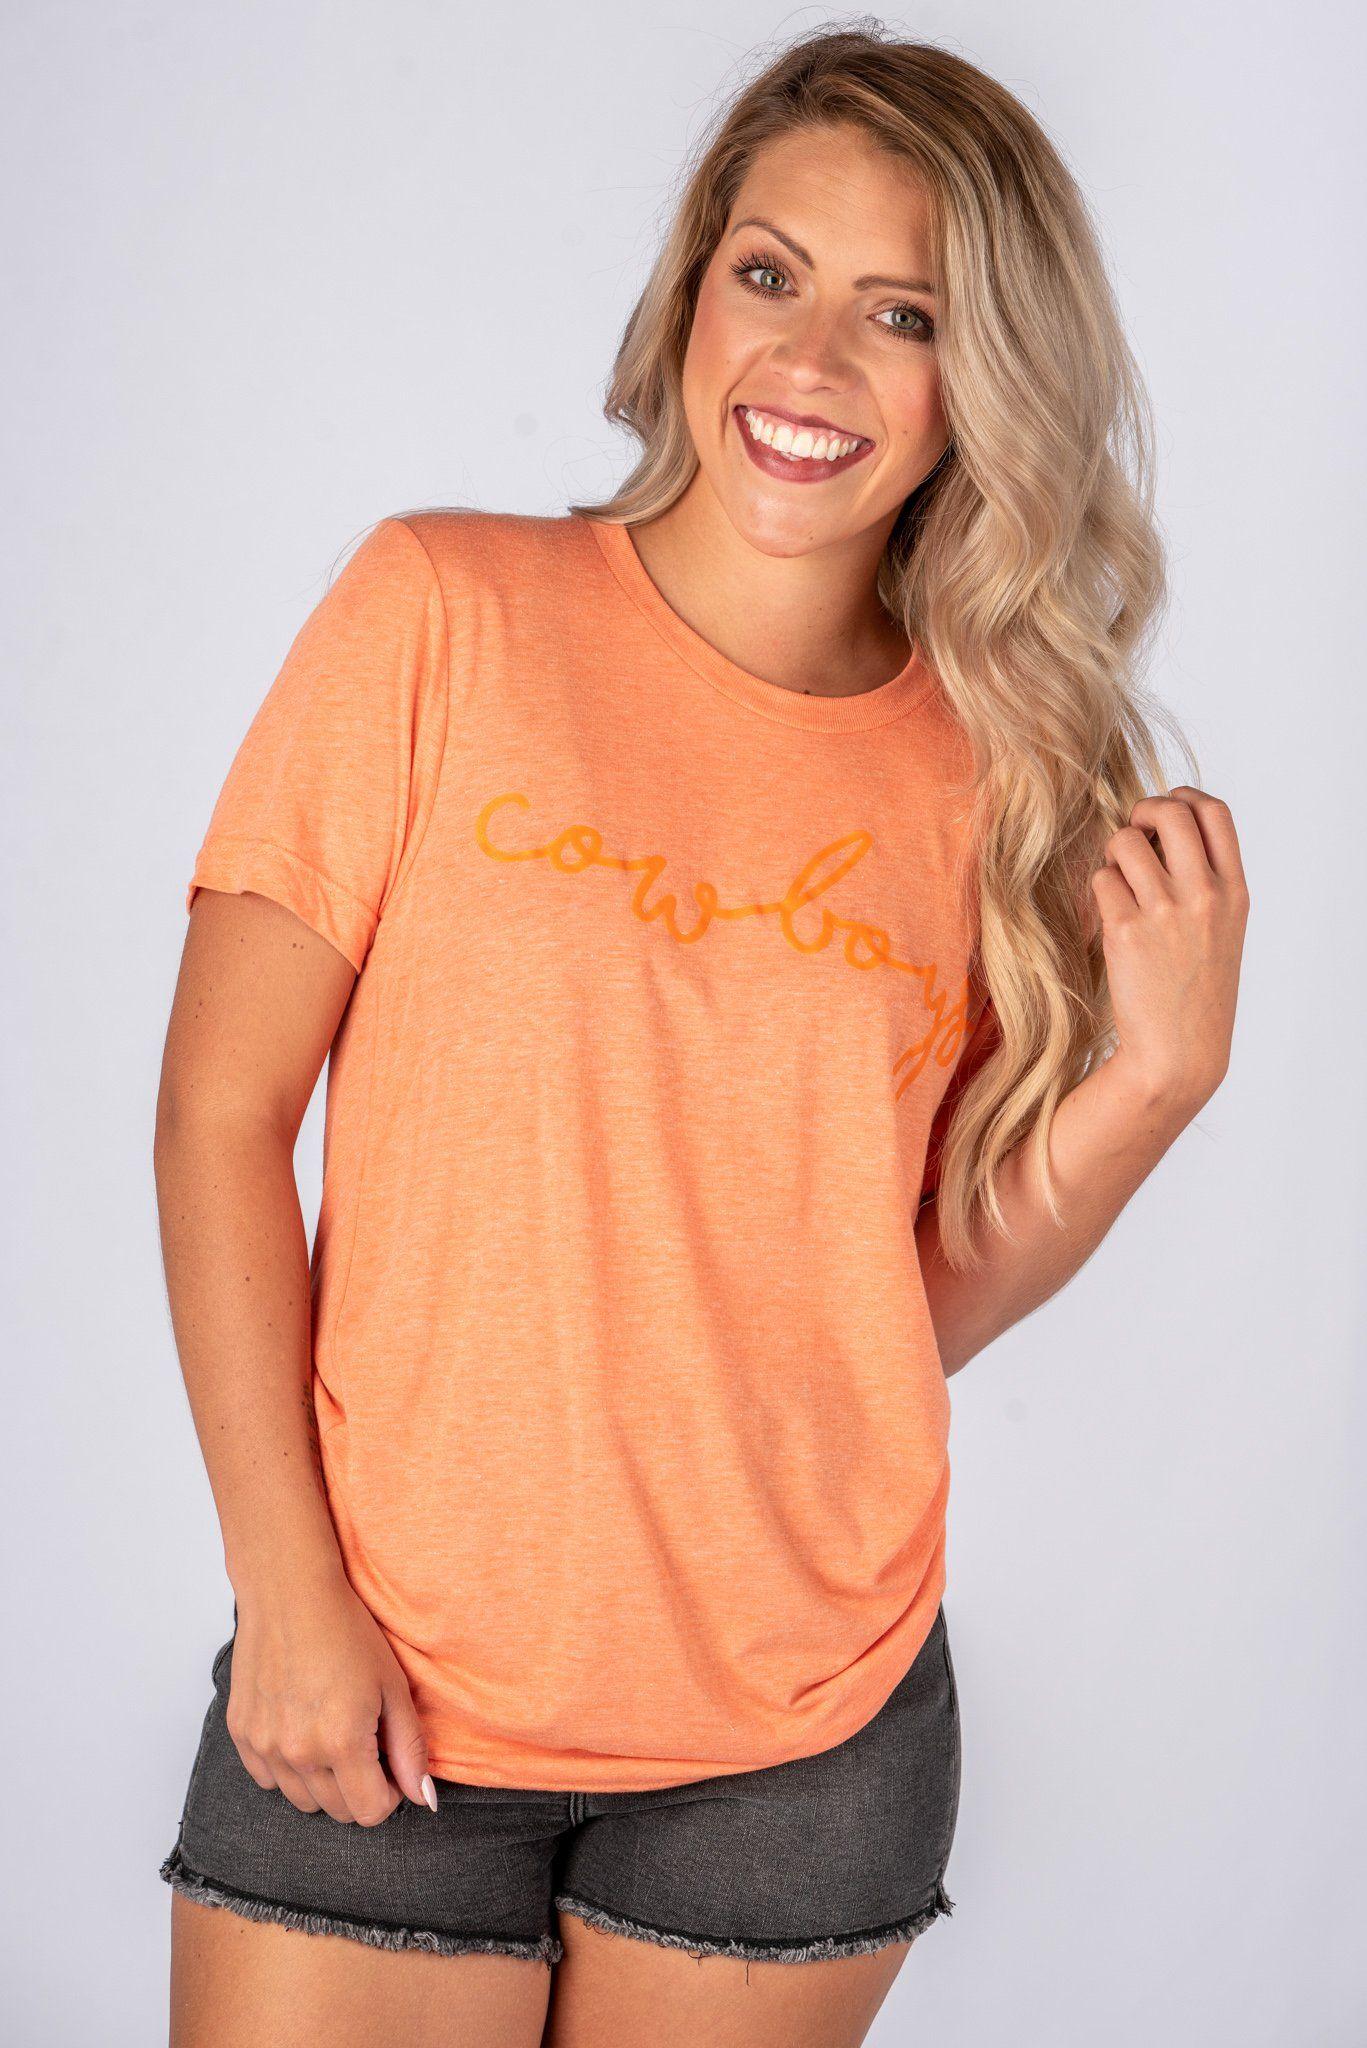 01ad82fc35f OSU Cowboys pride script unisex short sleeve t-shirt orange ...